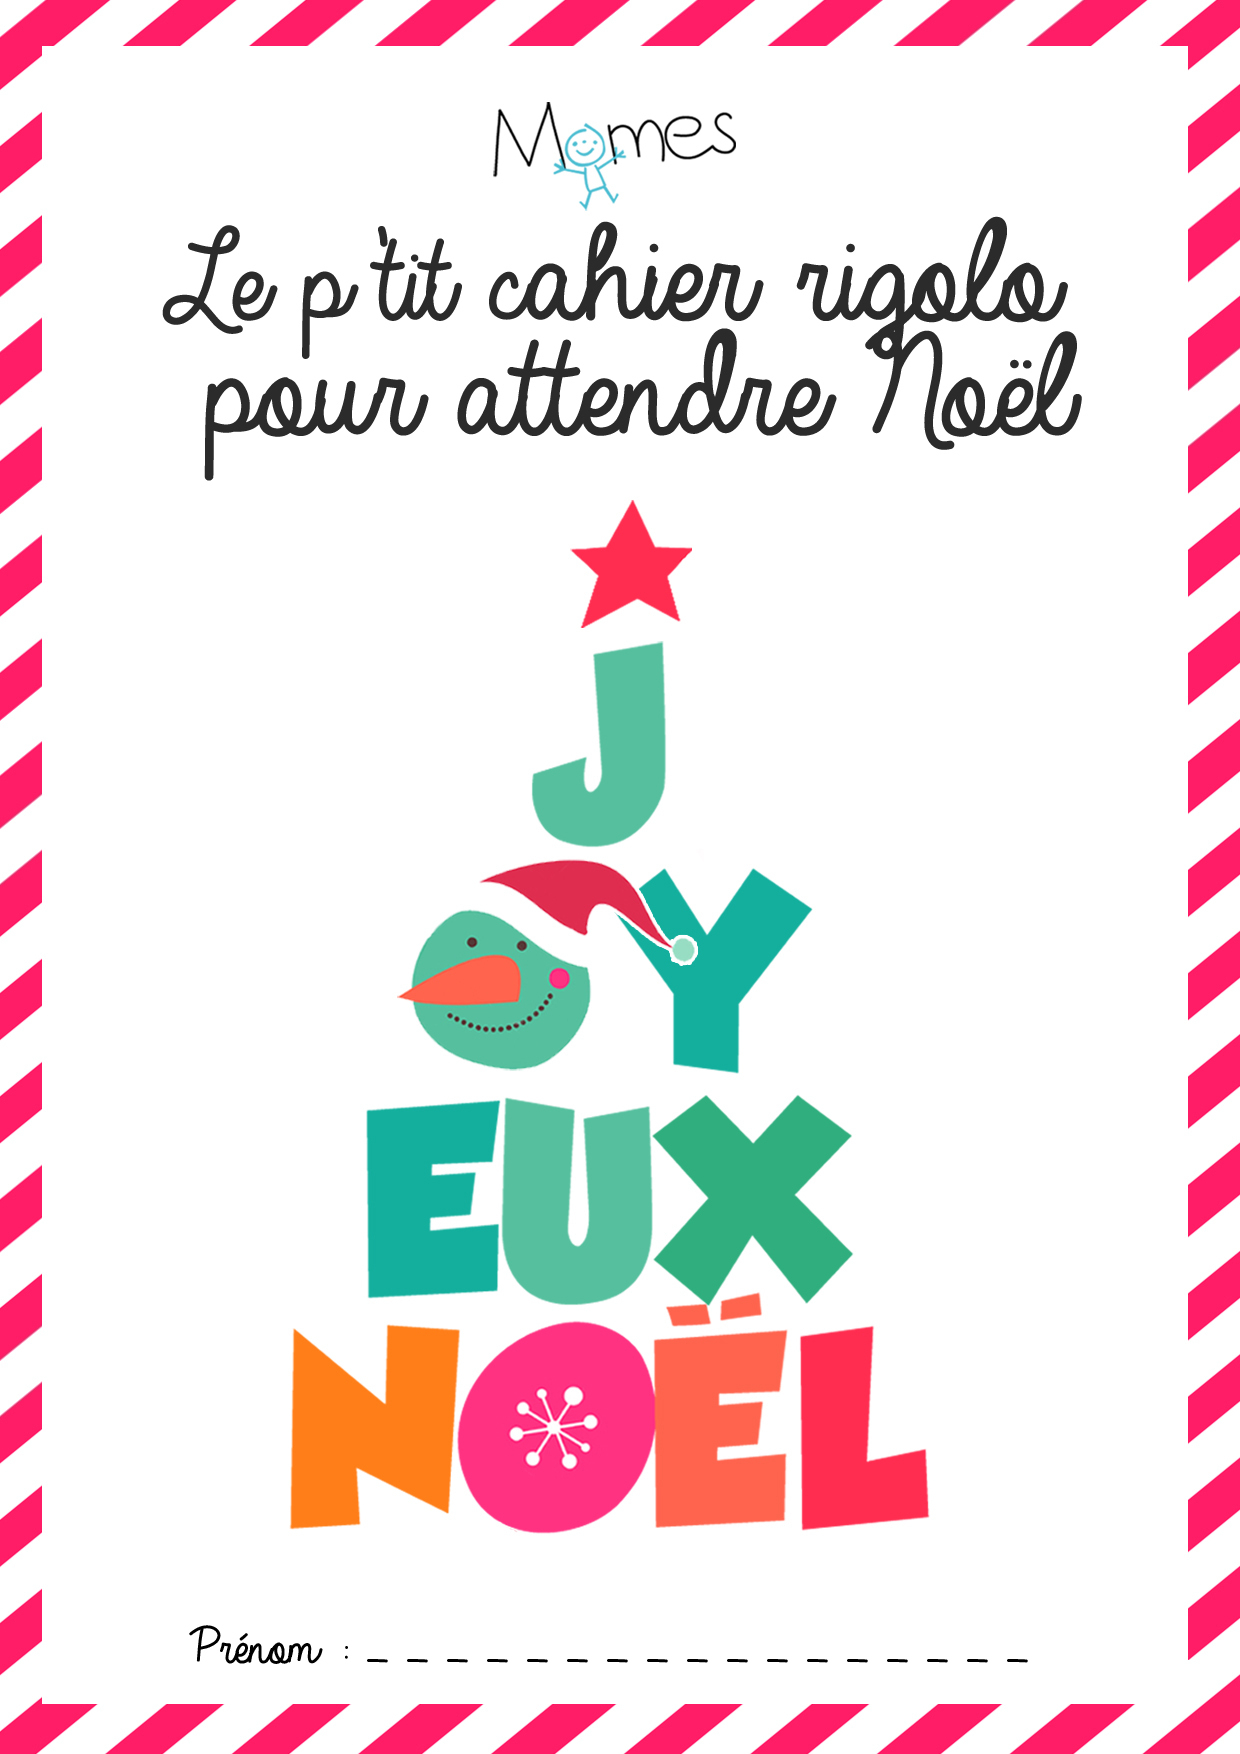 Le Cahier D'activités De Noël À Imprimer - Momes dedans Cahier D Activité Maternelle